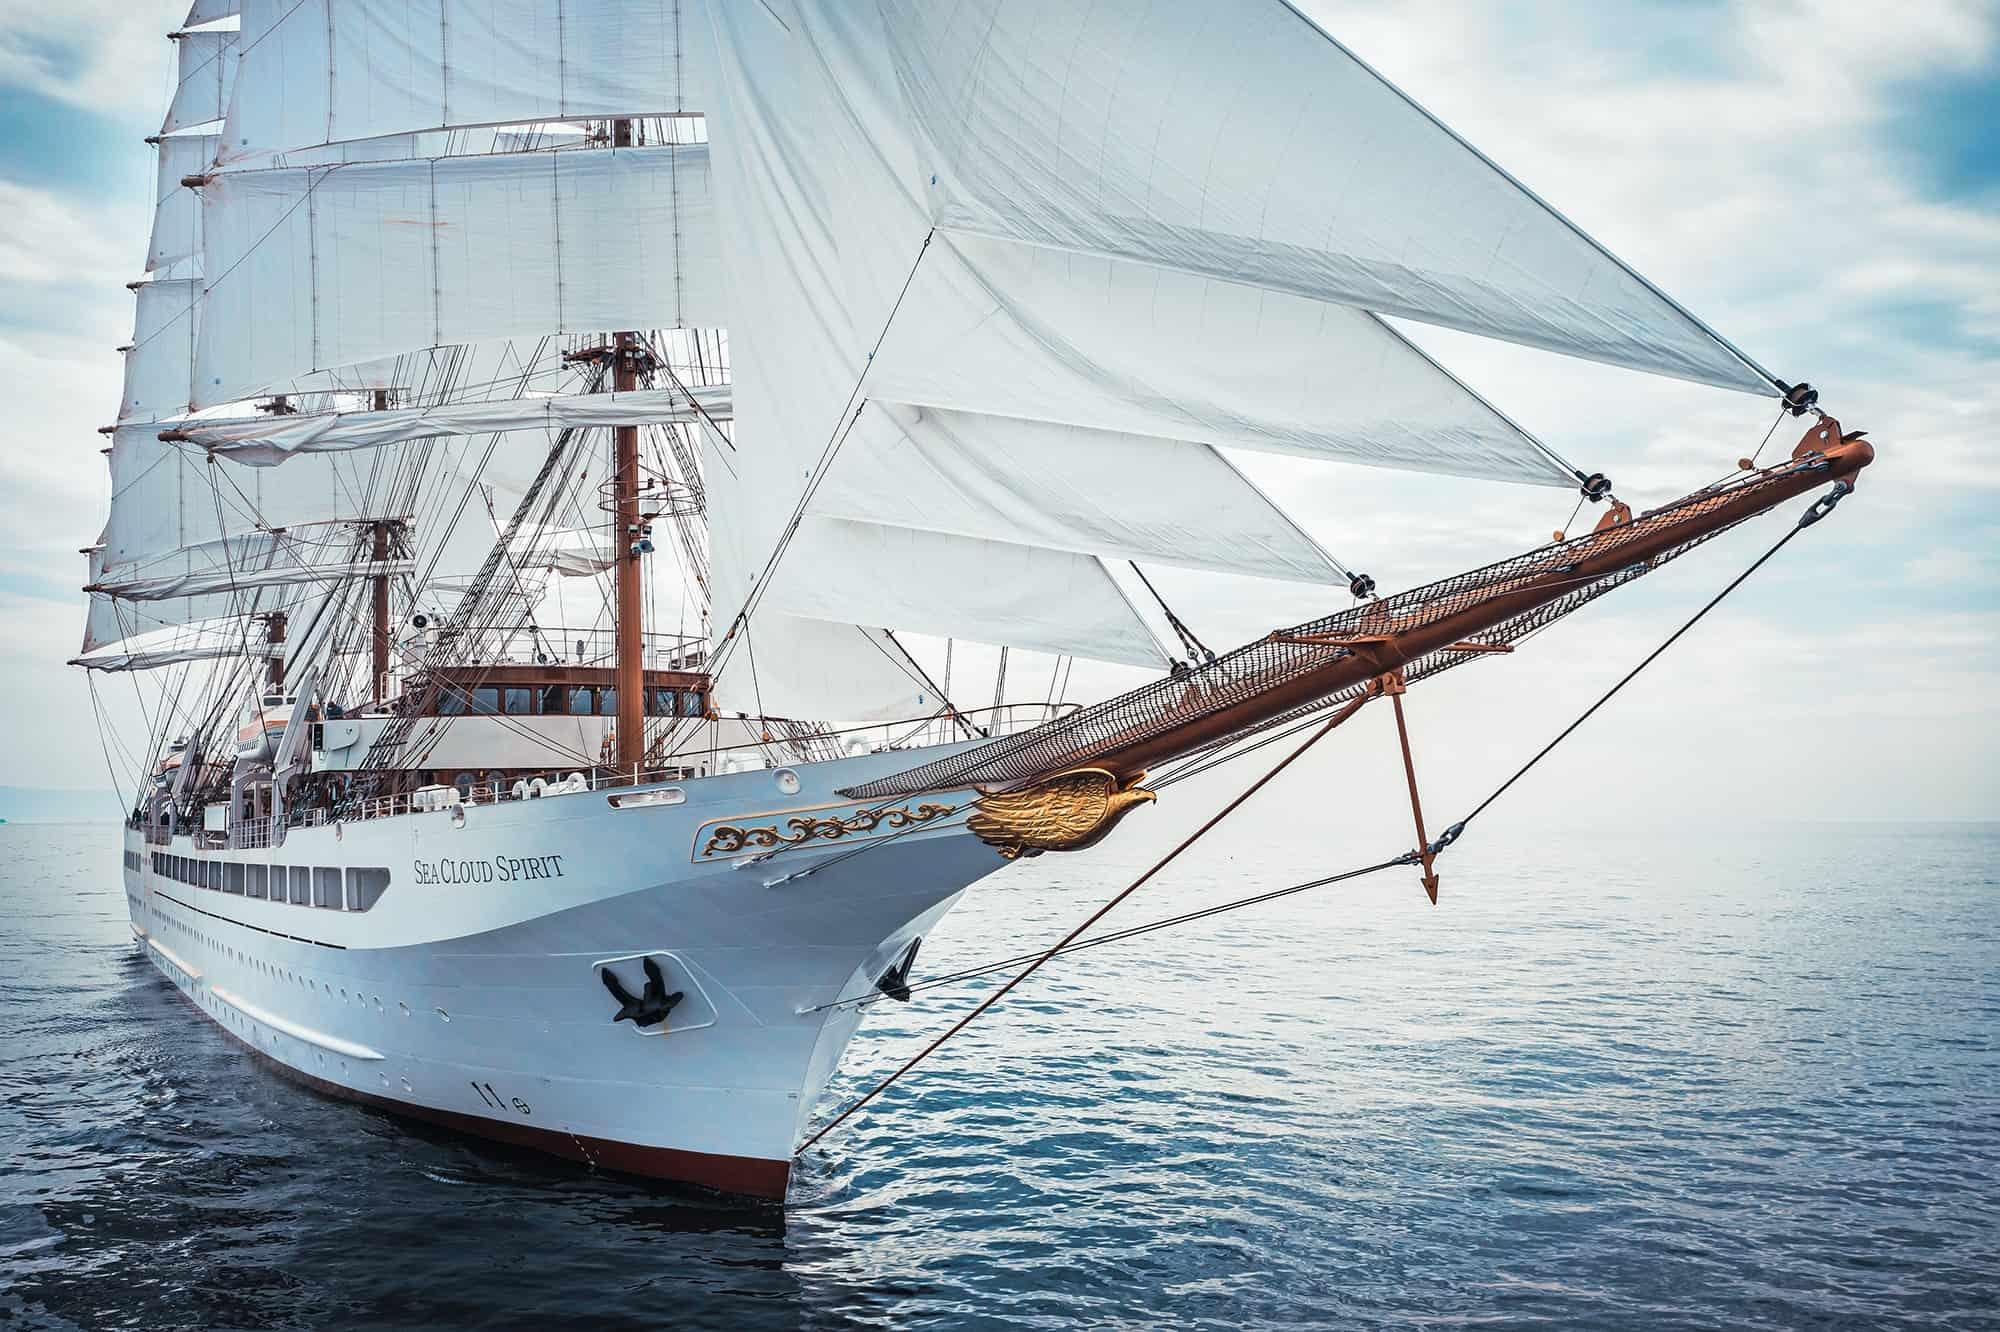 sea cloud cruises spirit